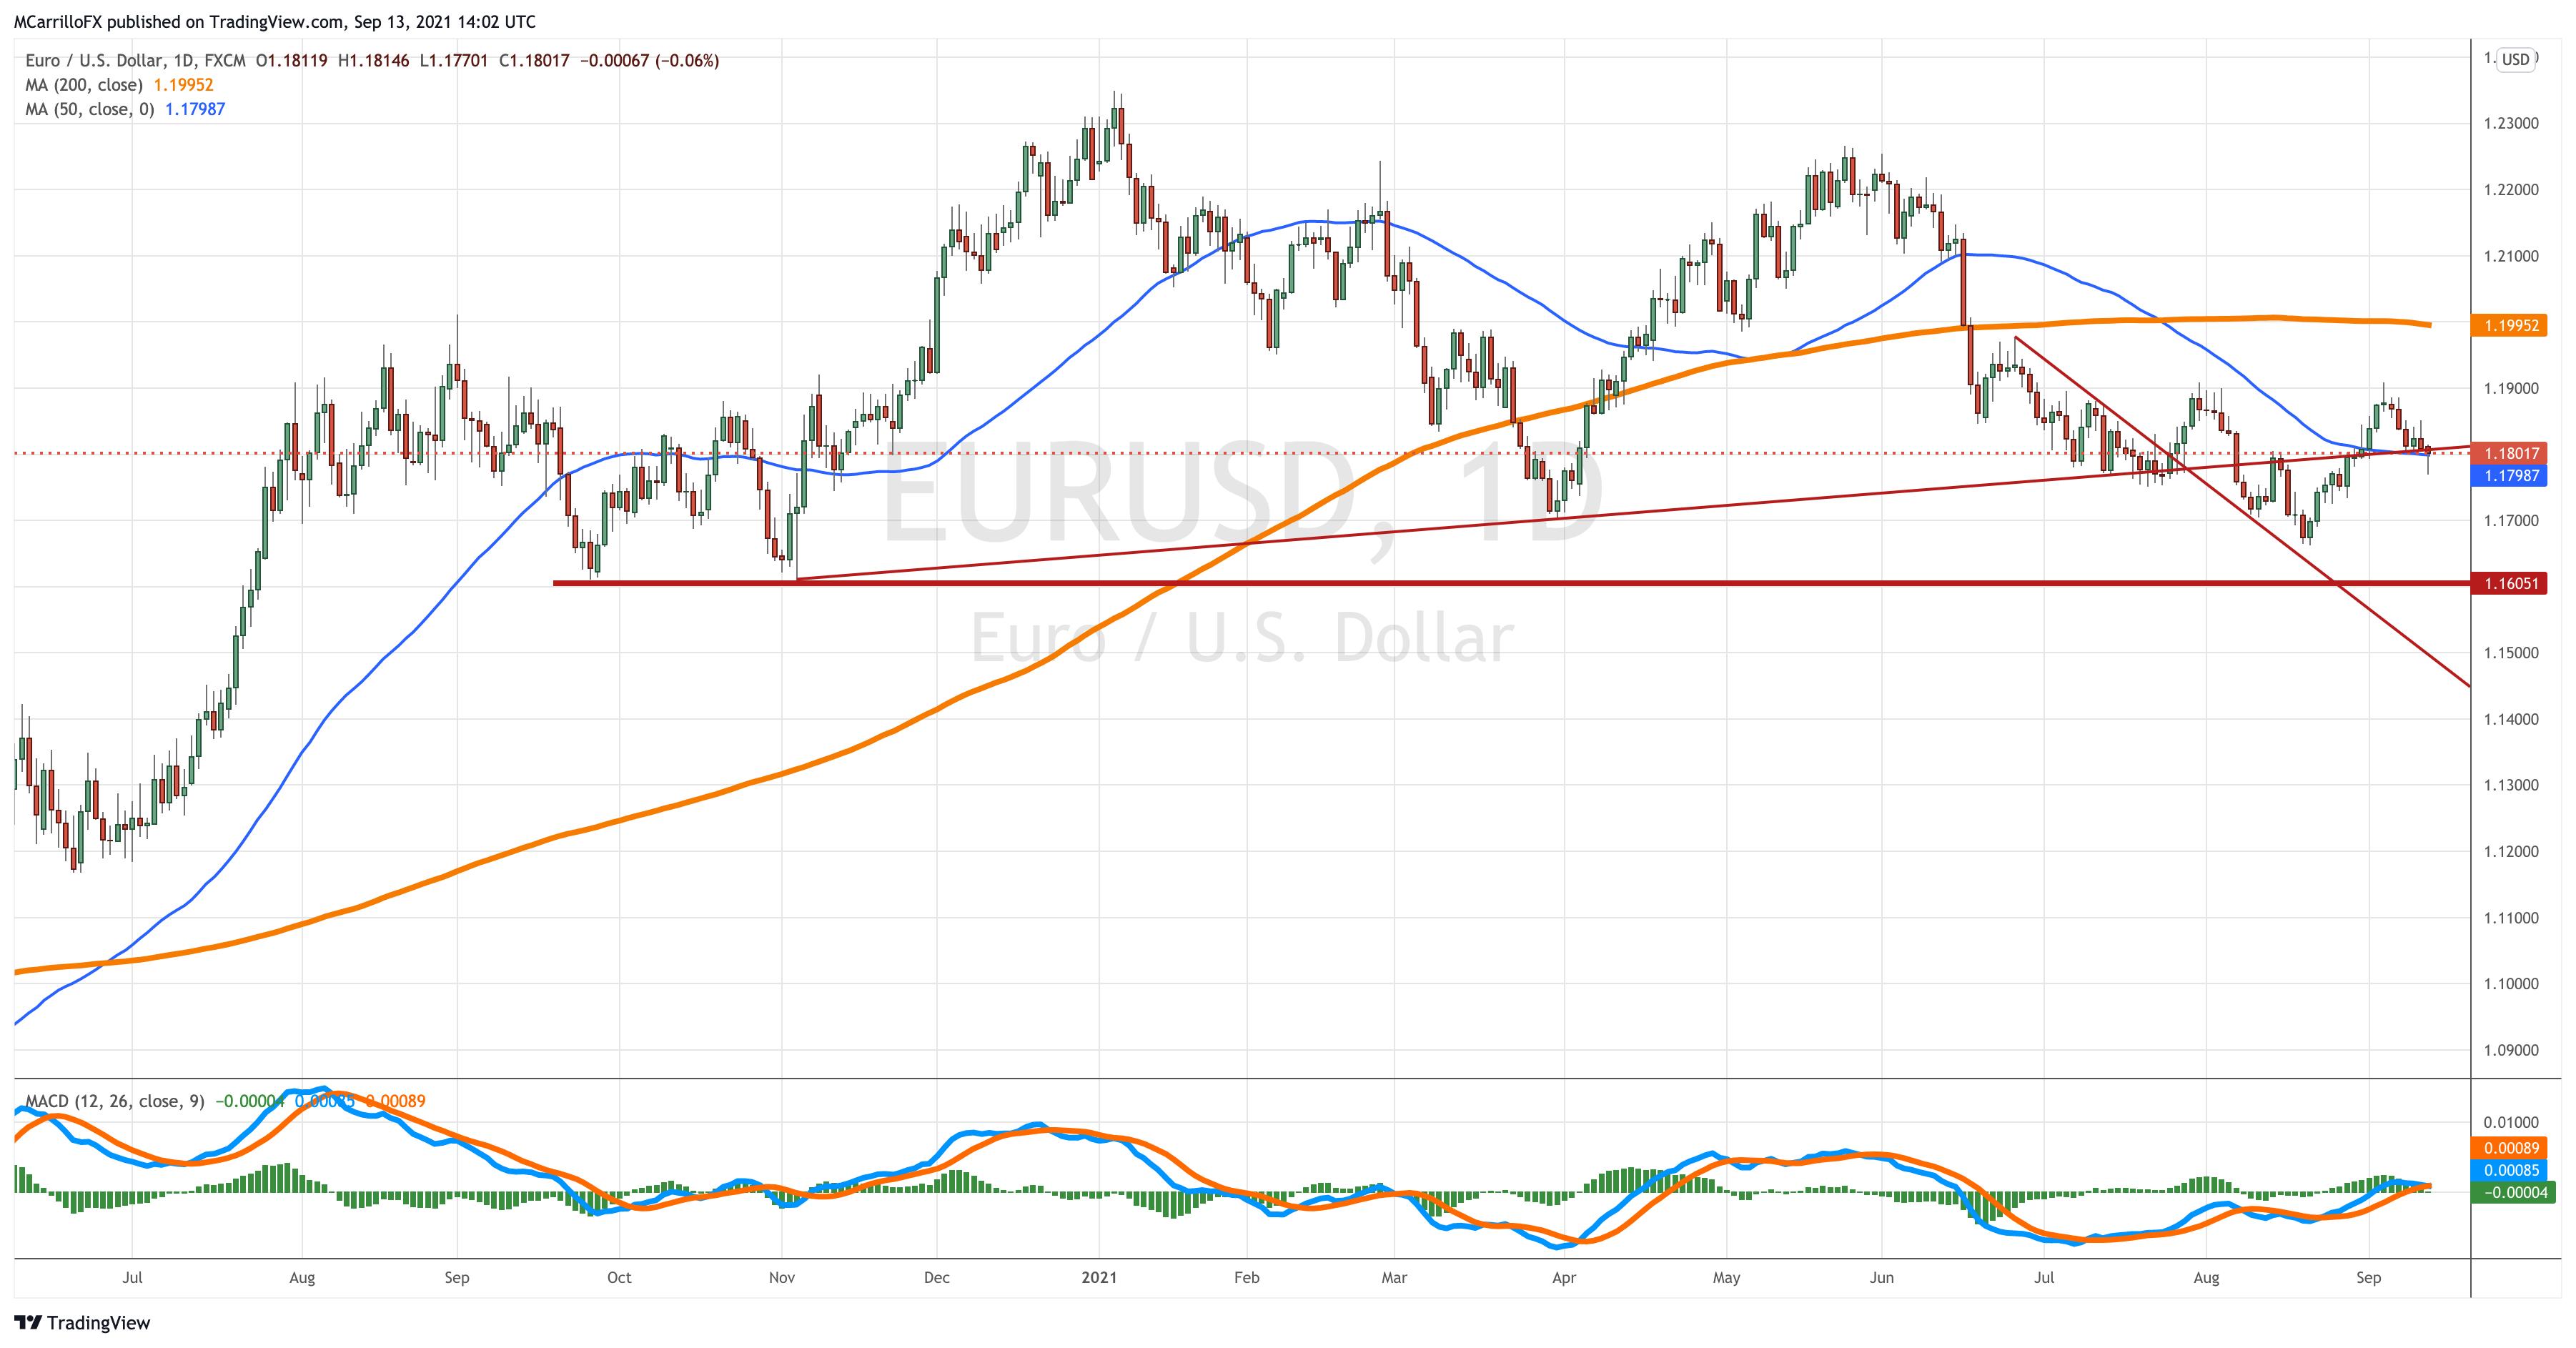 EUR/USD con posible Tendencia Bajista